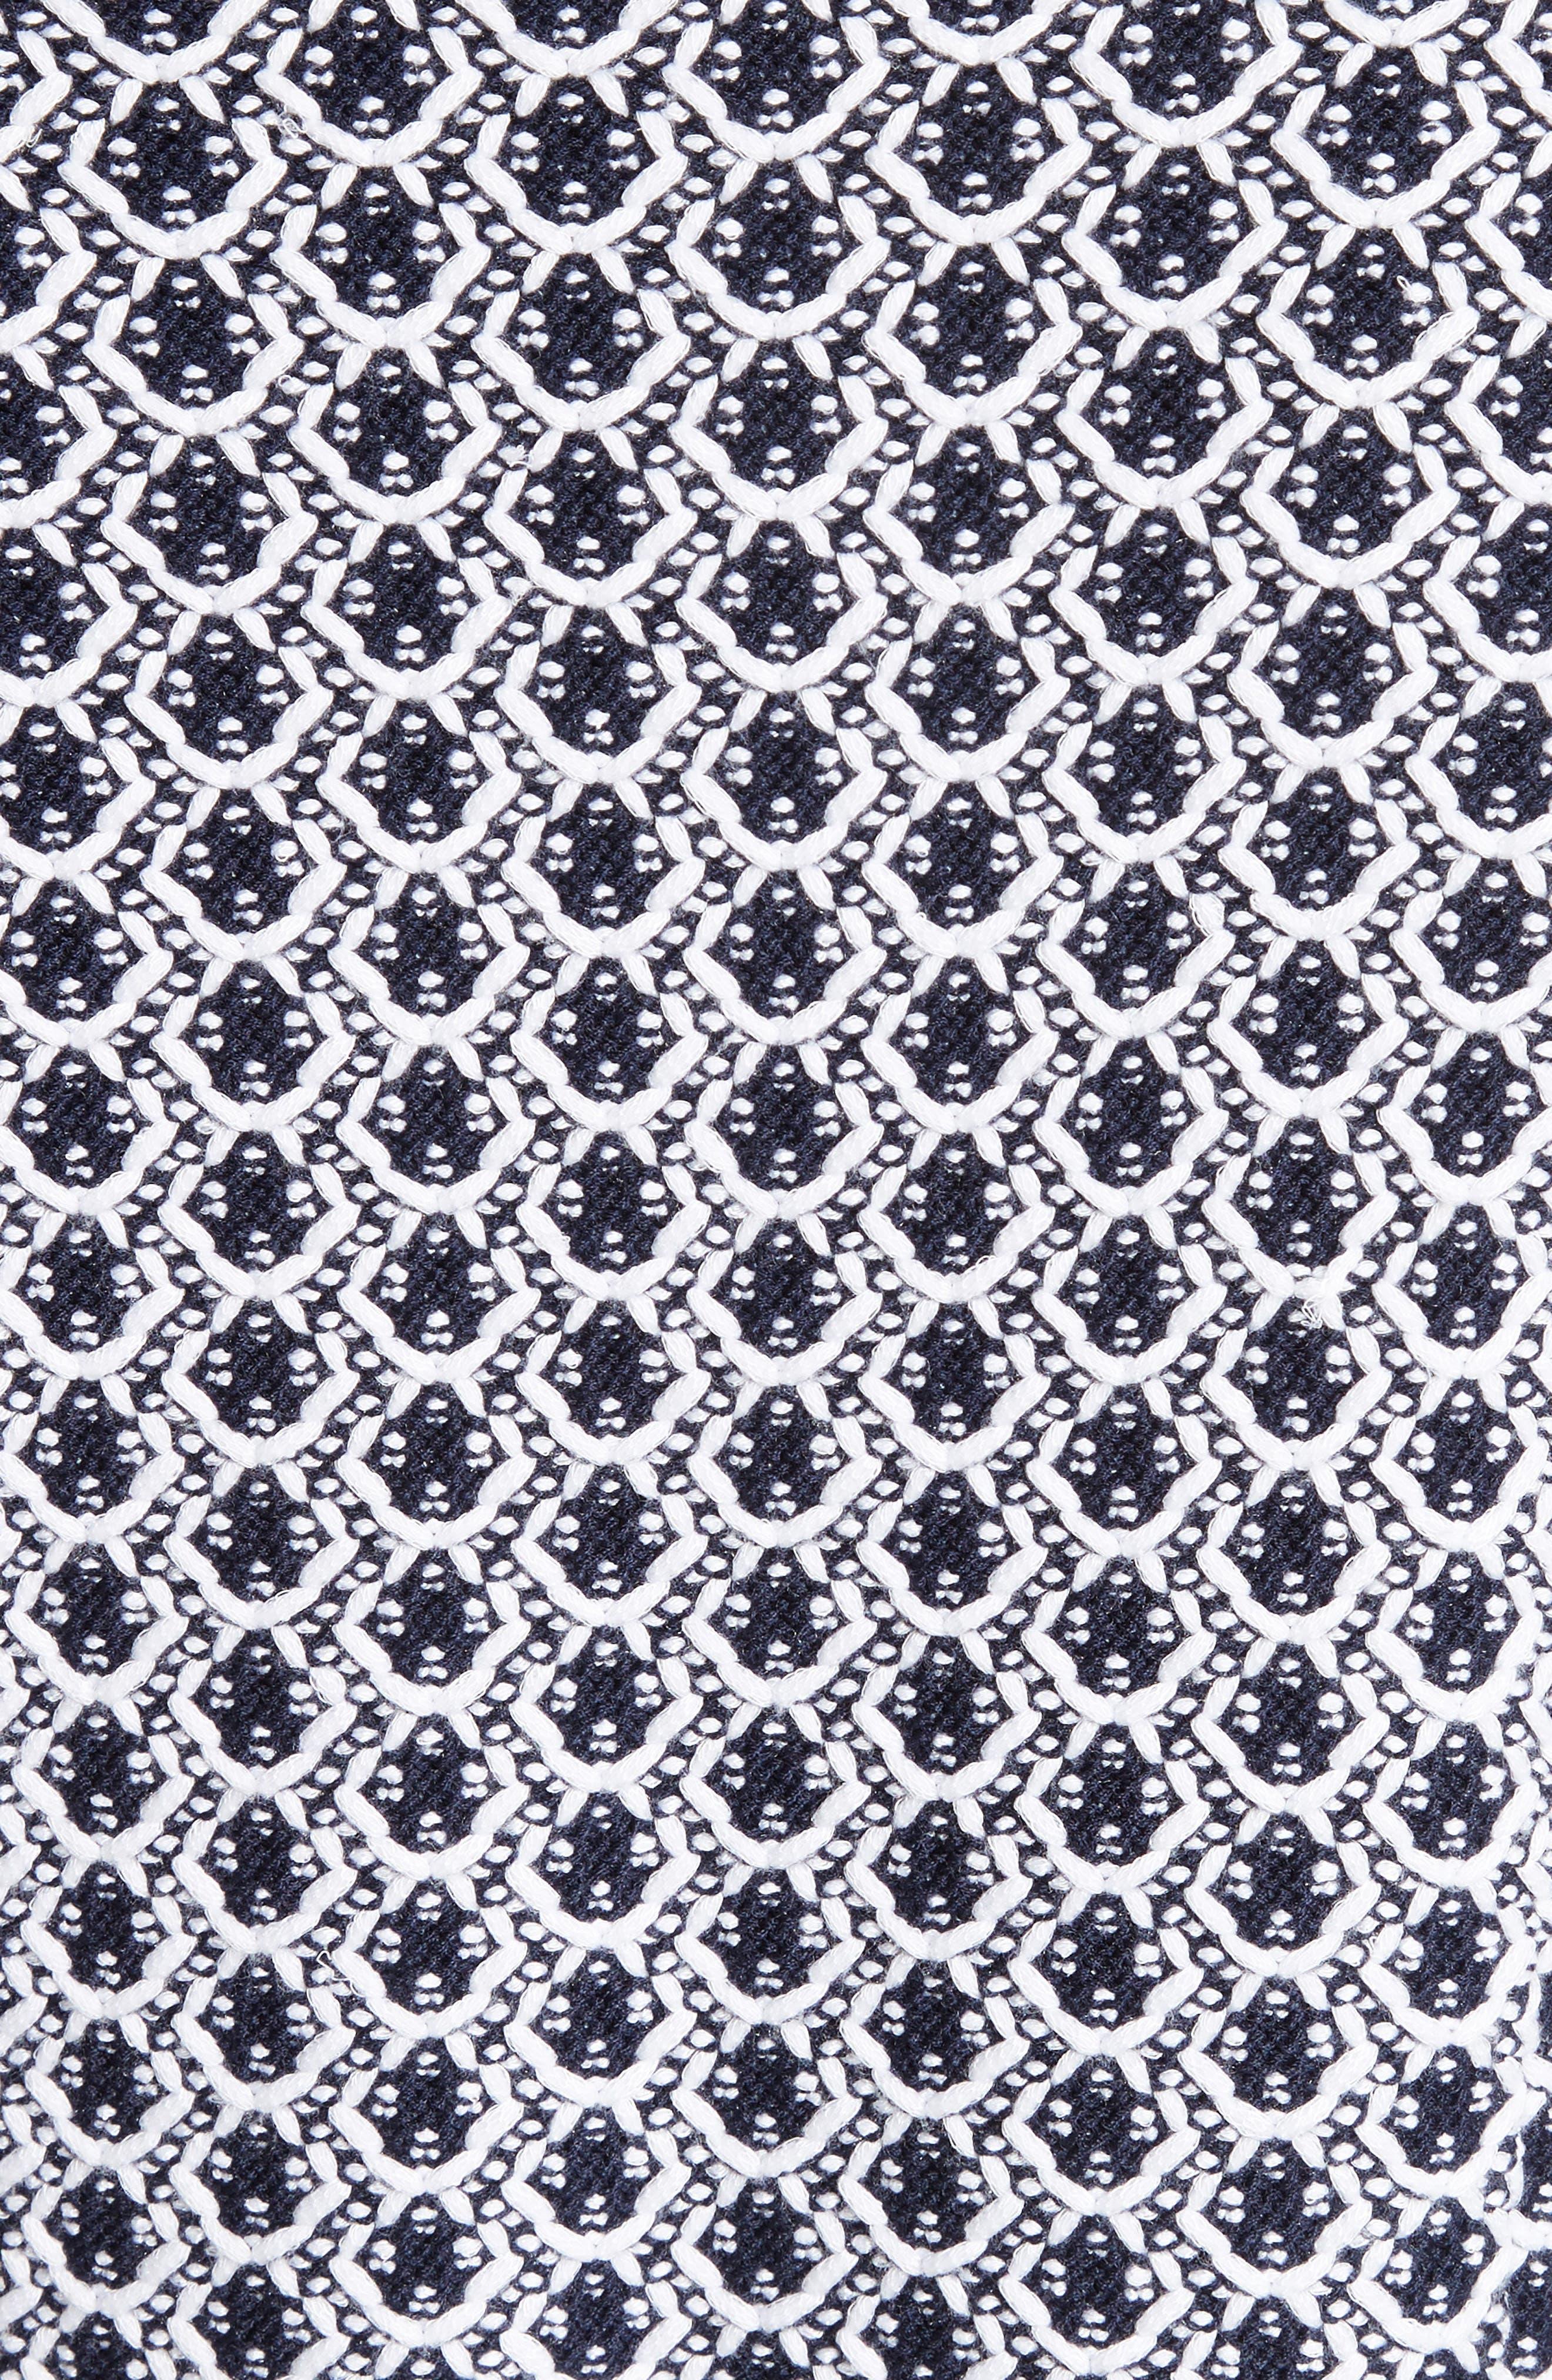 Aadi Tweed Knit Jacket,                             Alternate thumbnail 6, color,                             400